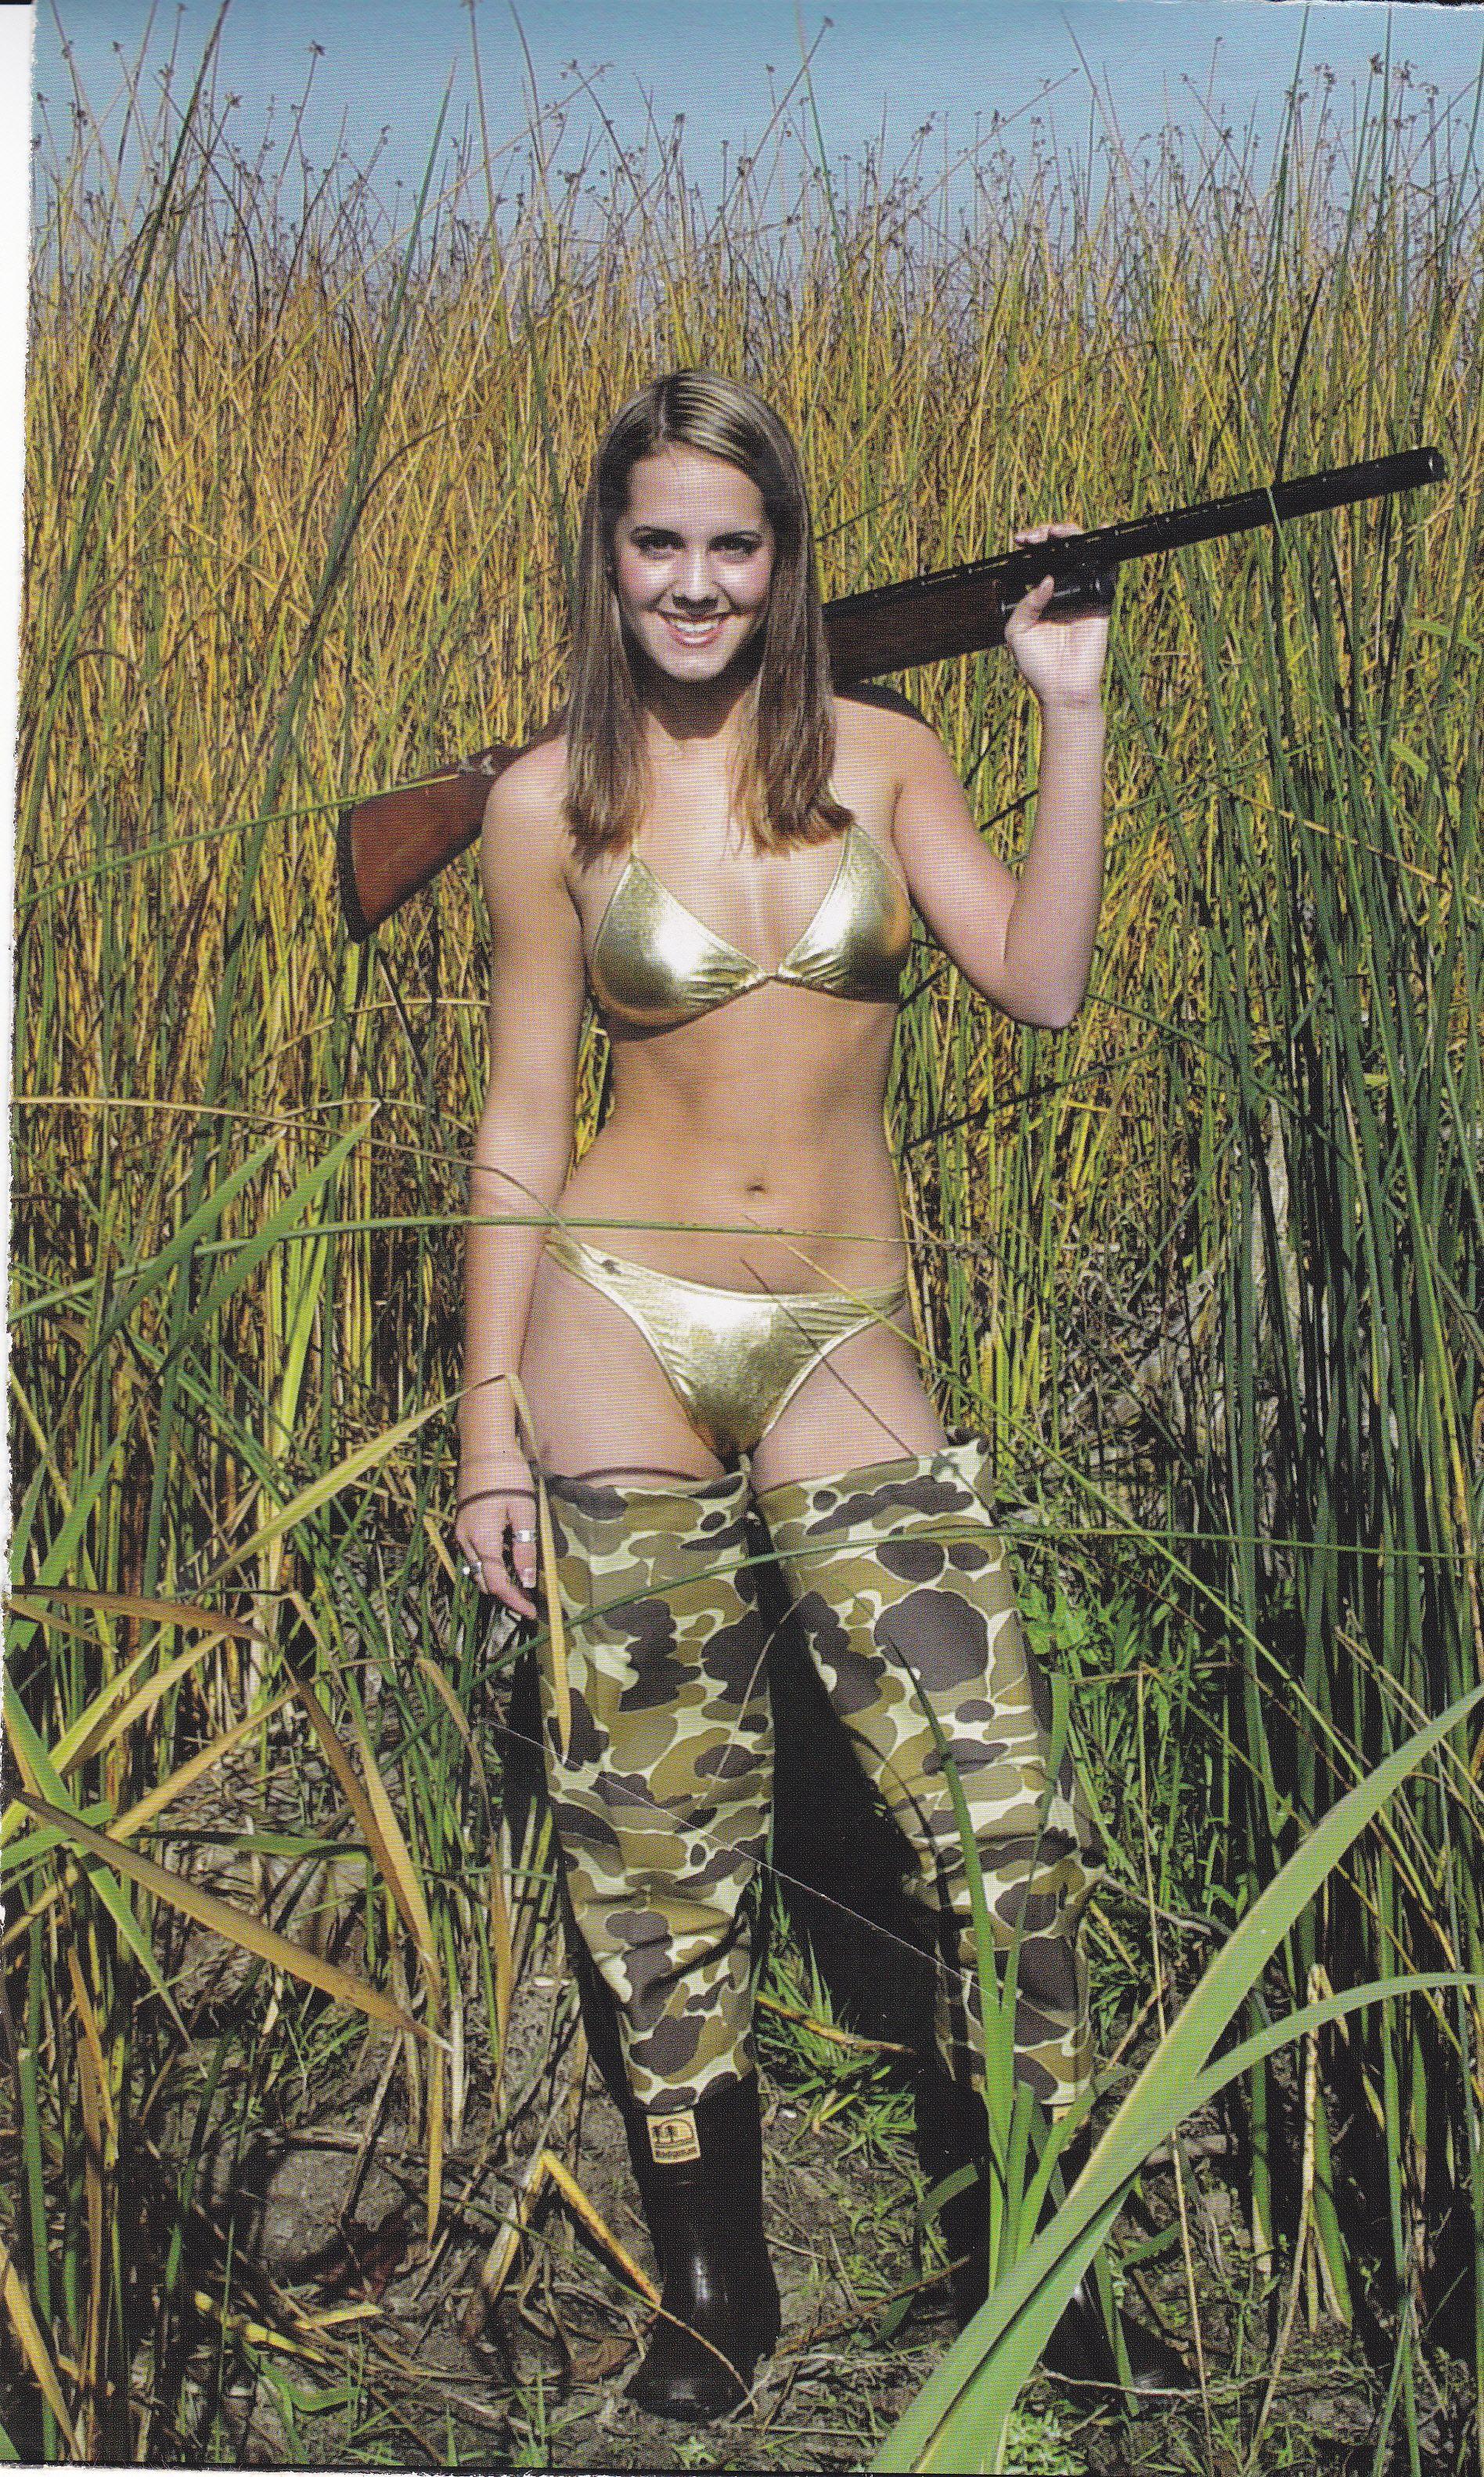 Hot Nude Redneck Women 21